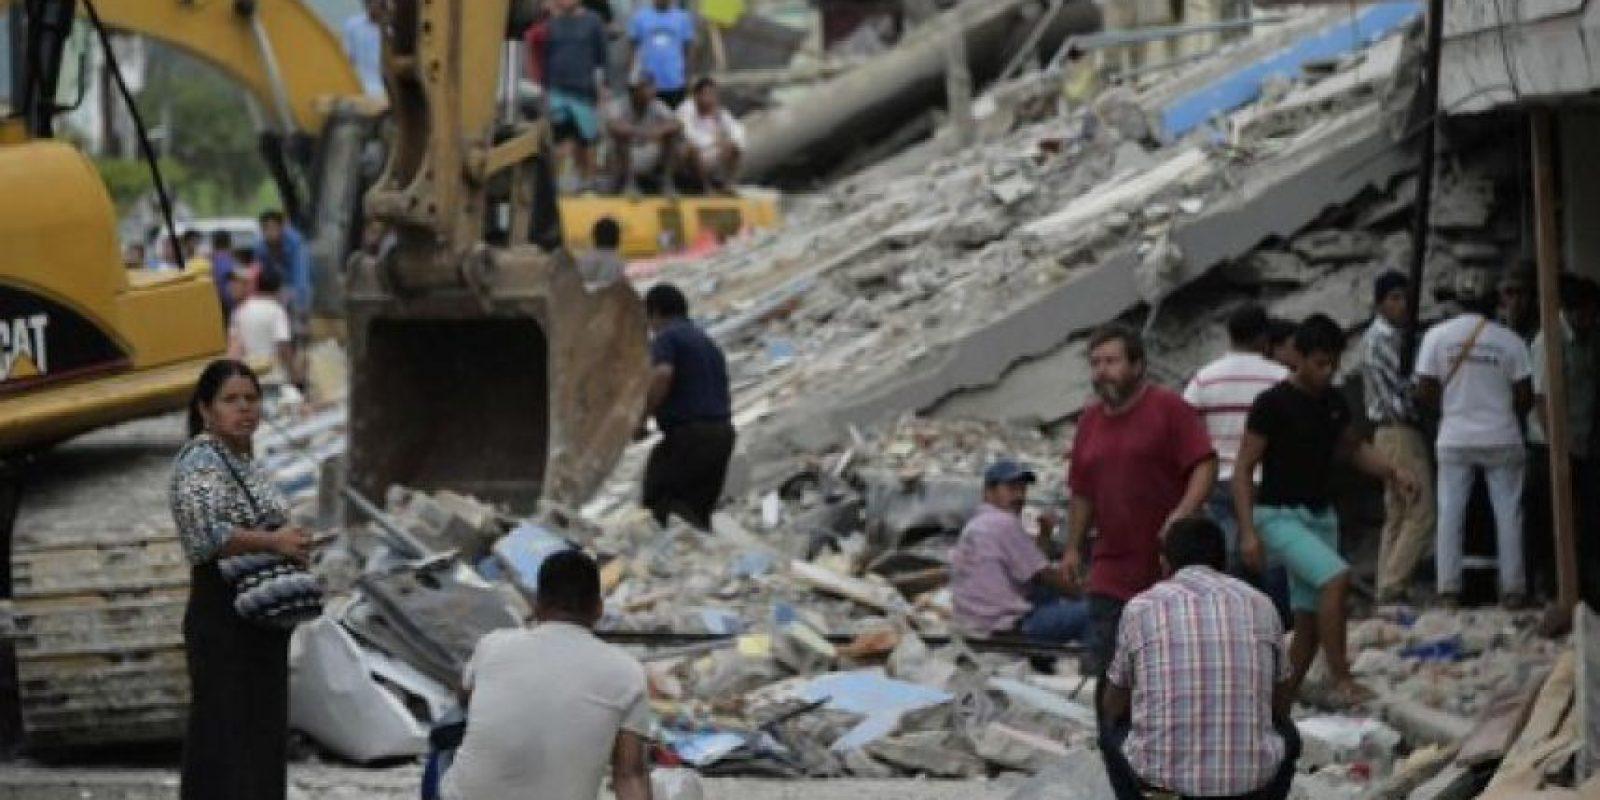 Como puede la gente evacua la zonas afectadas. Foto:AFP